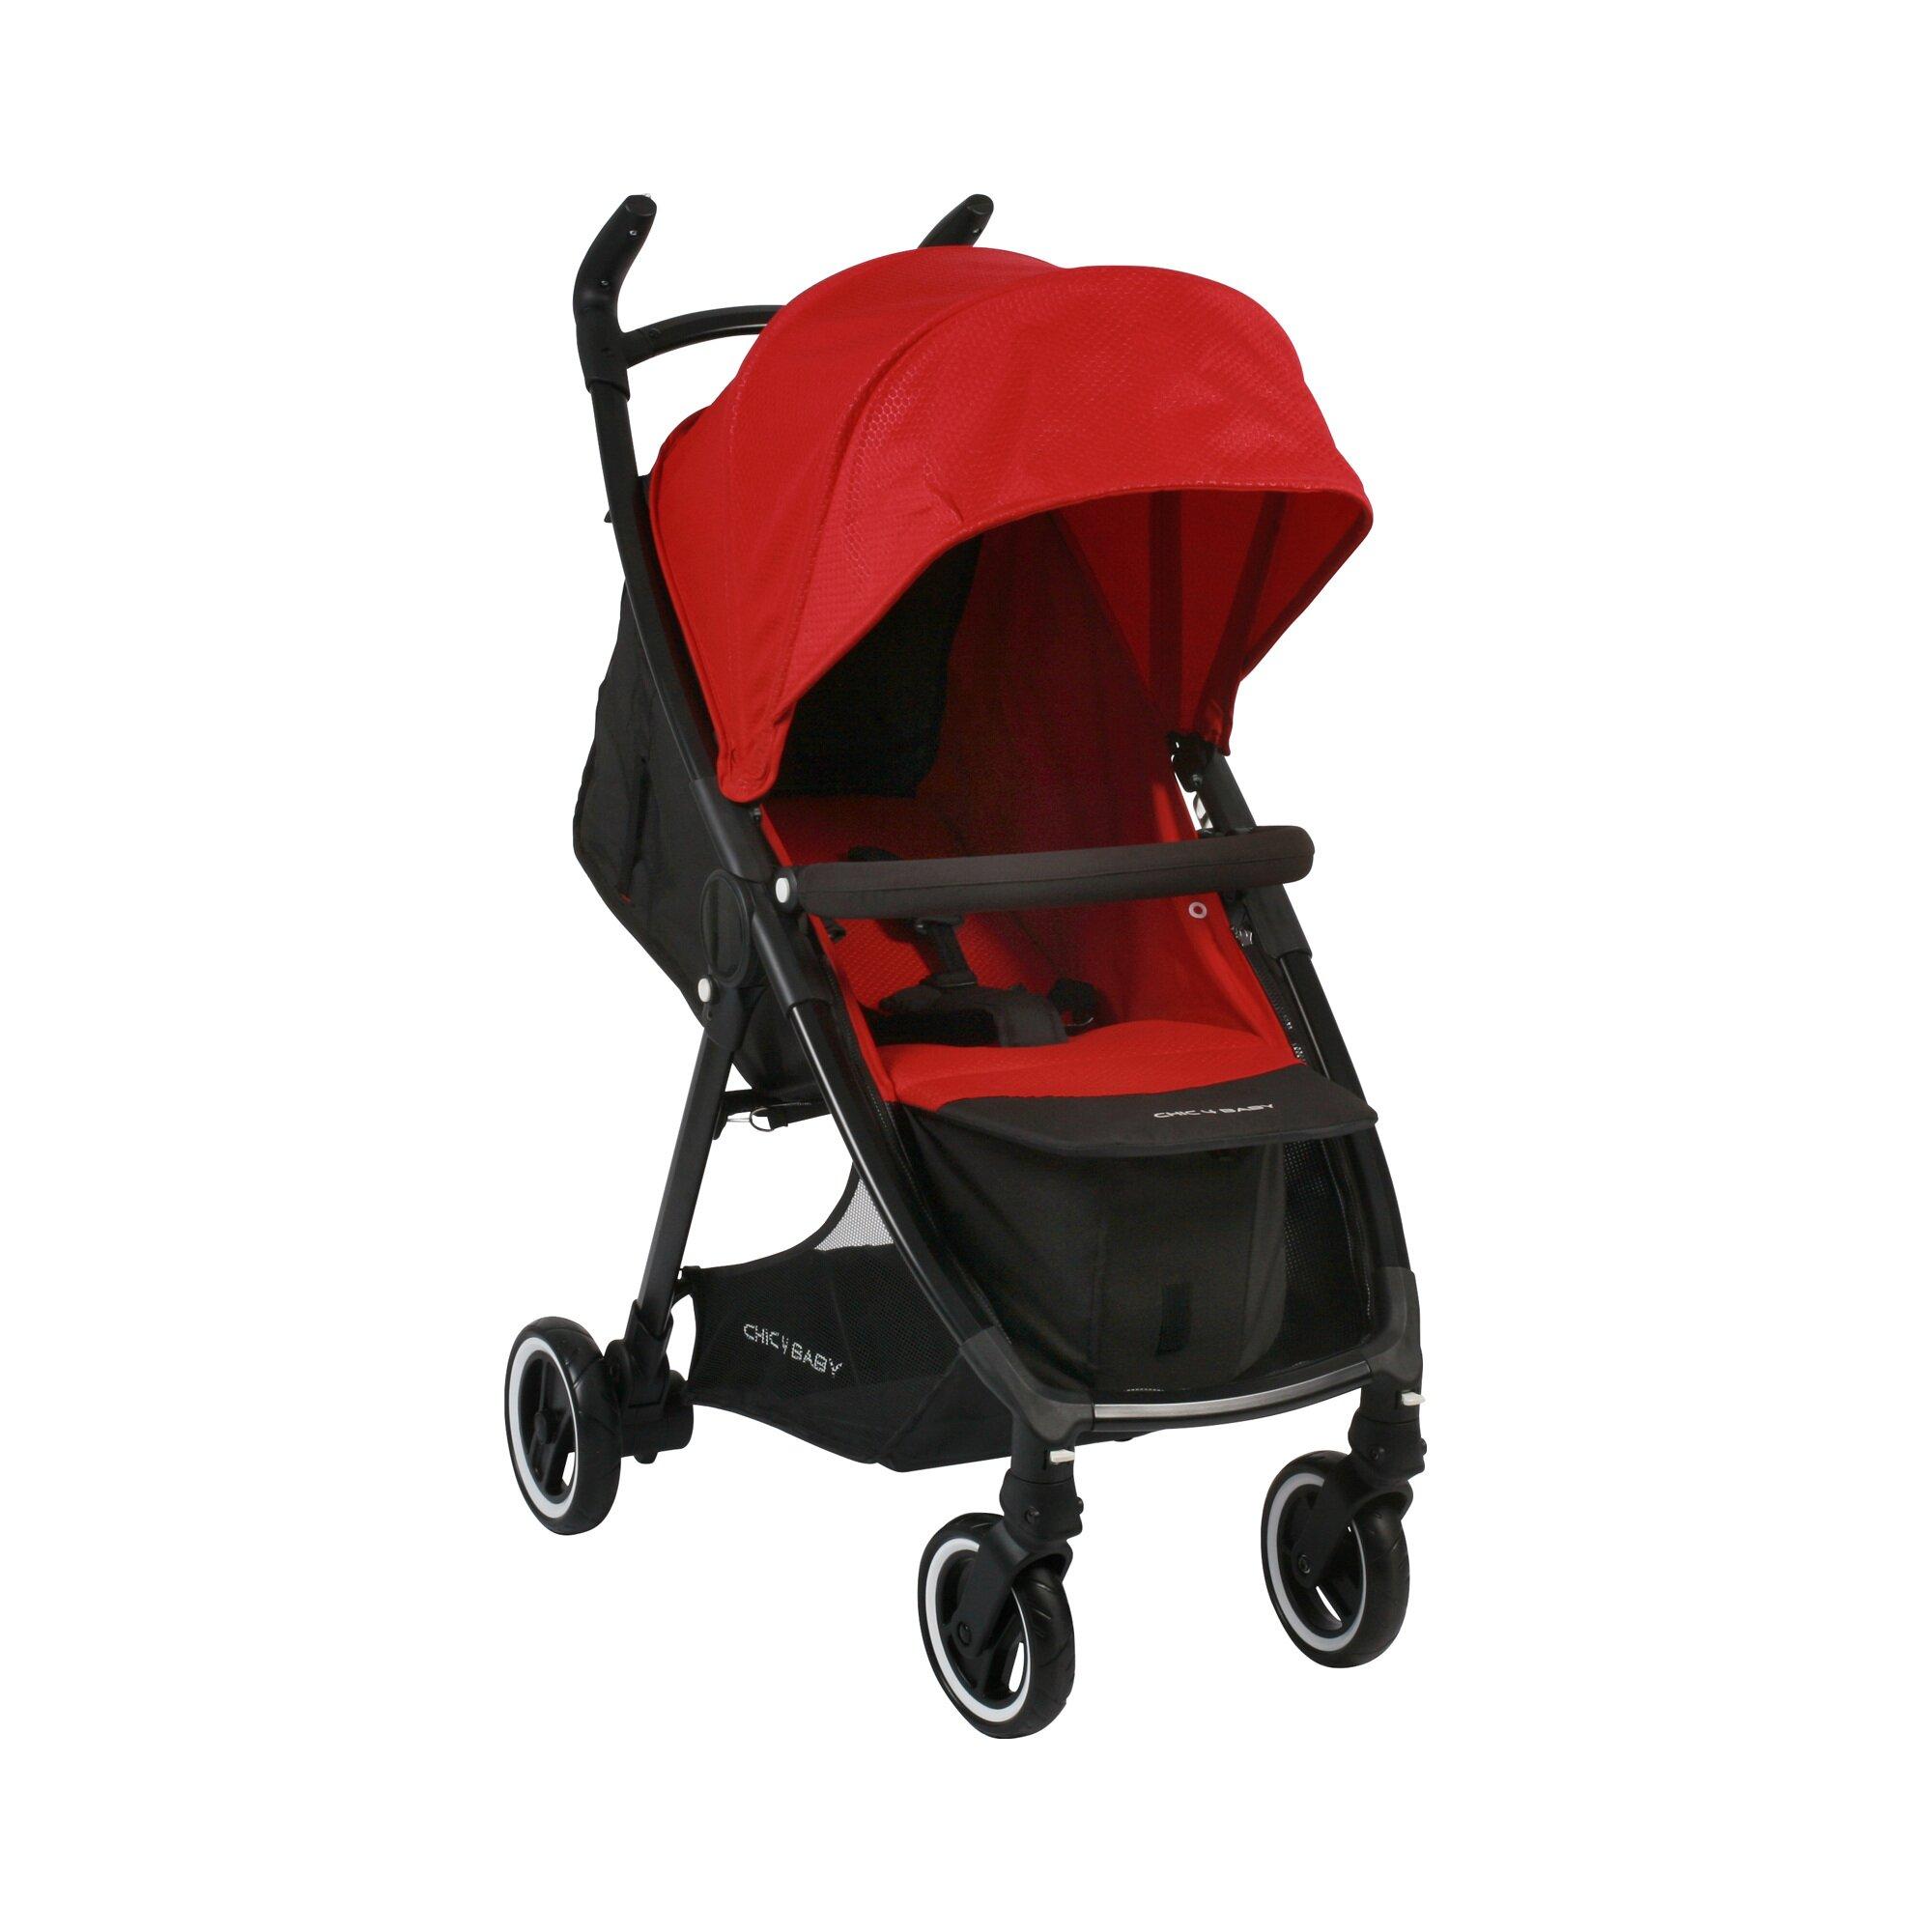 chic-4-baby-robbie-kinderwagen-sportwagen-design-2018-rot